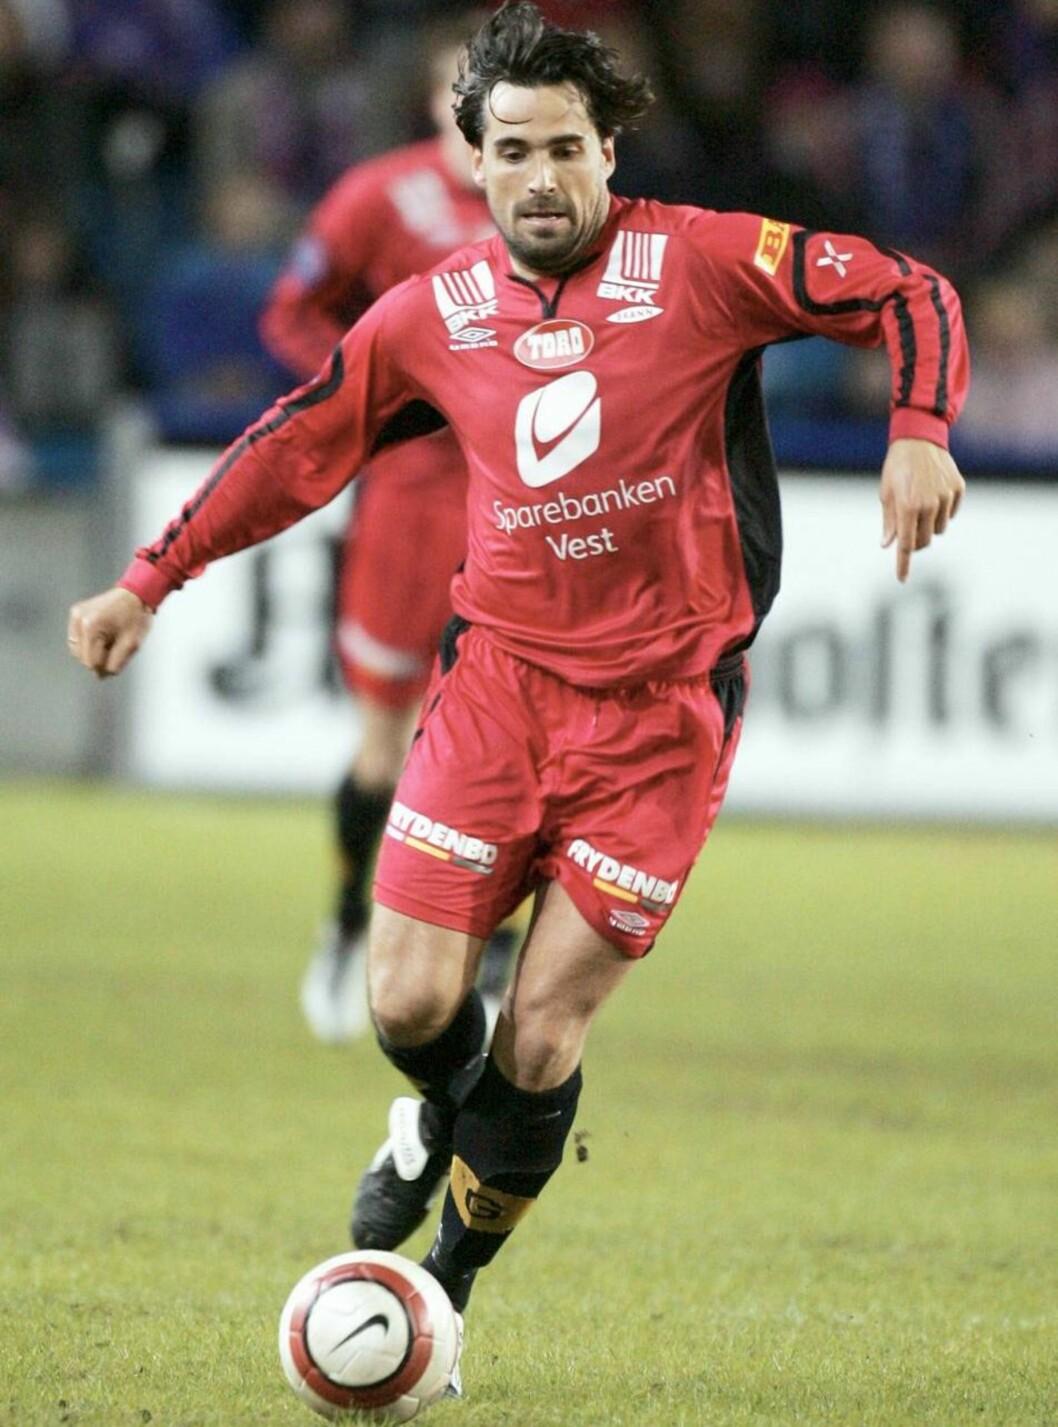 Fotball, 17. april 2005, Tippeligaen, Vålerenga - Brann 2-1, Martin Andresen, Brann Foto: Digitalsport